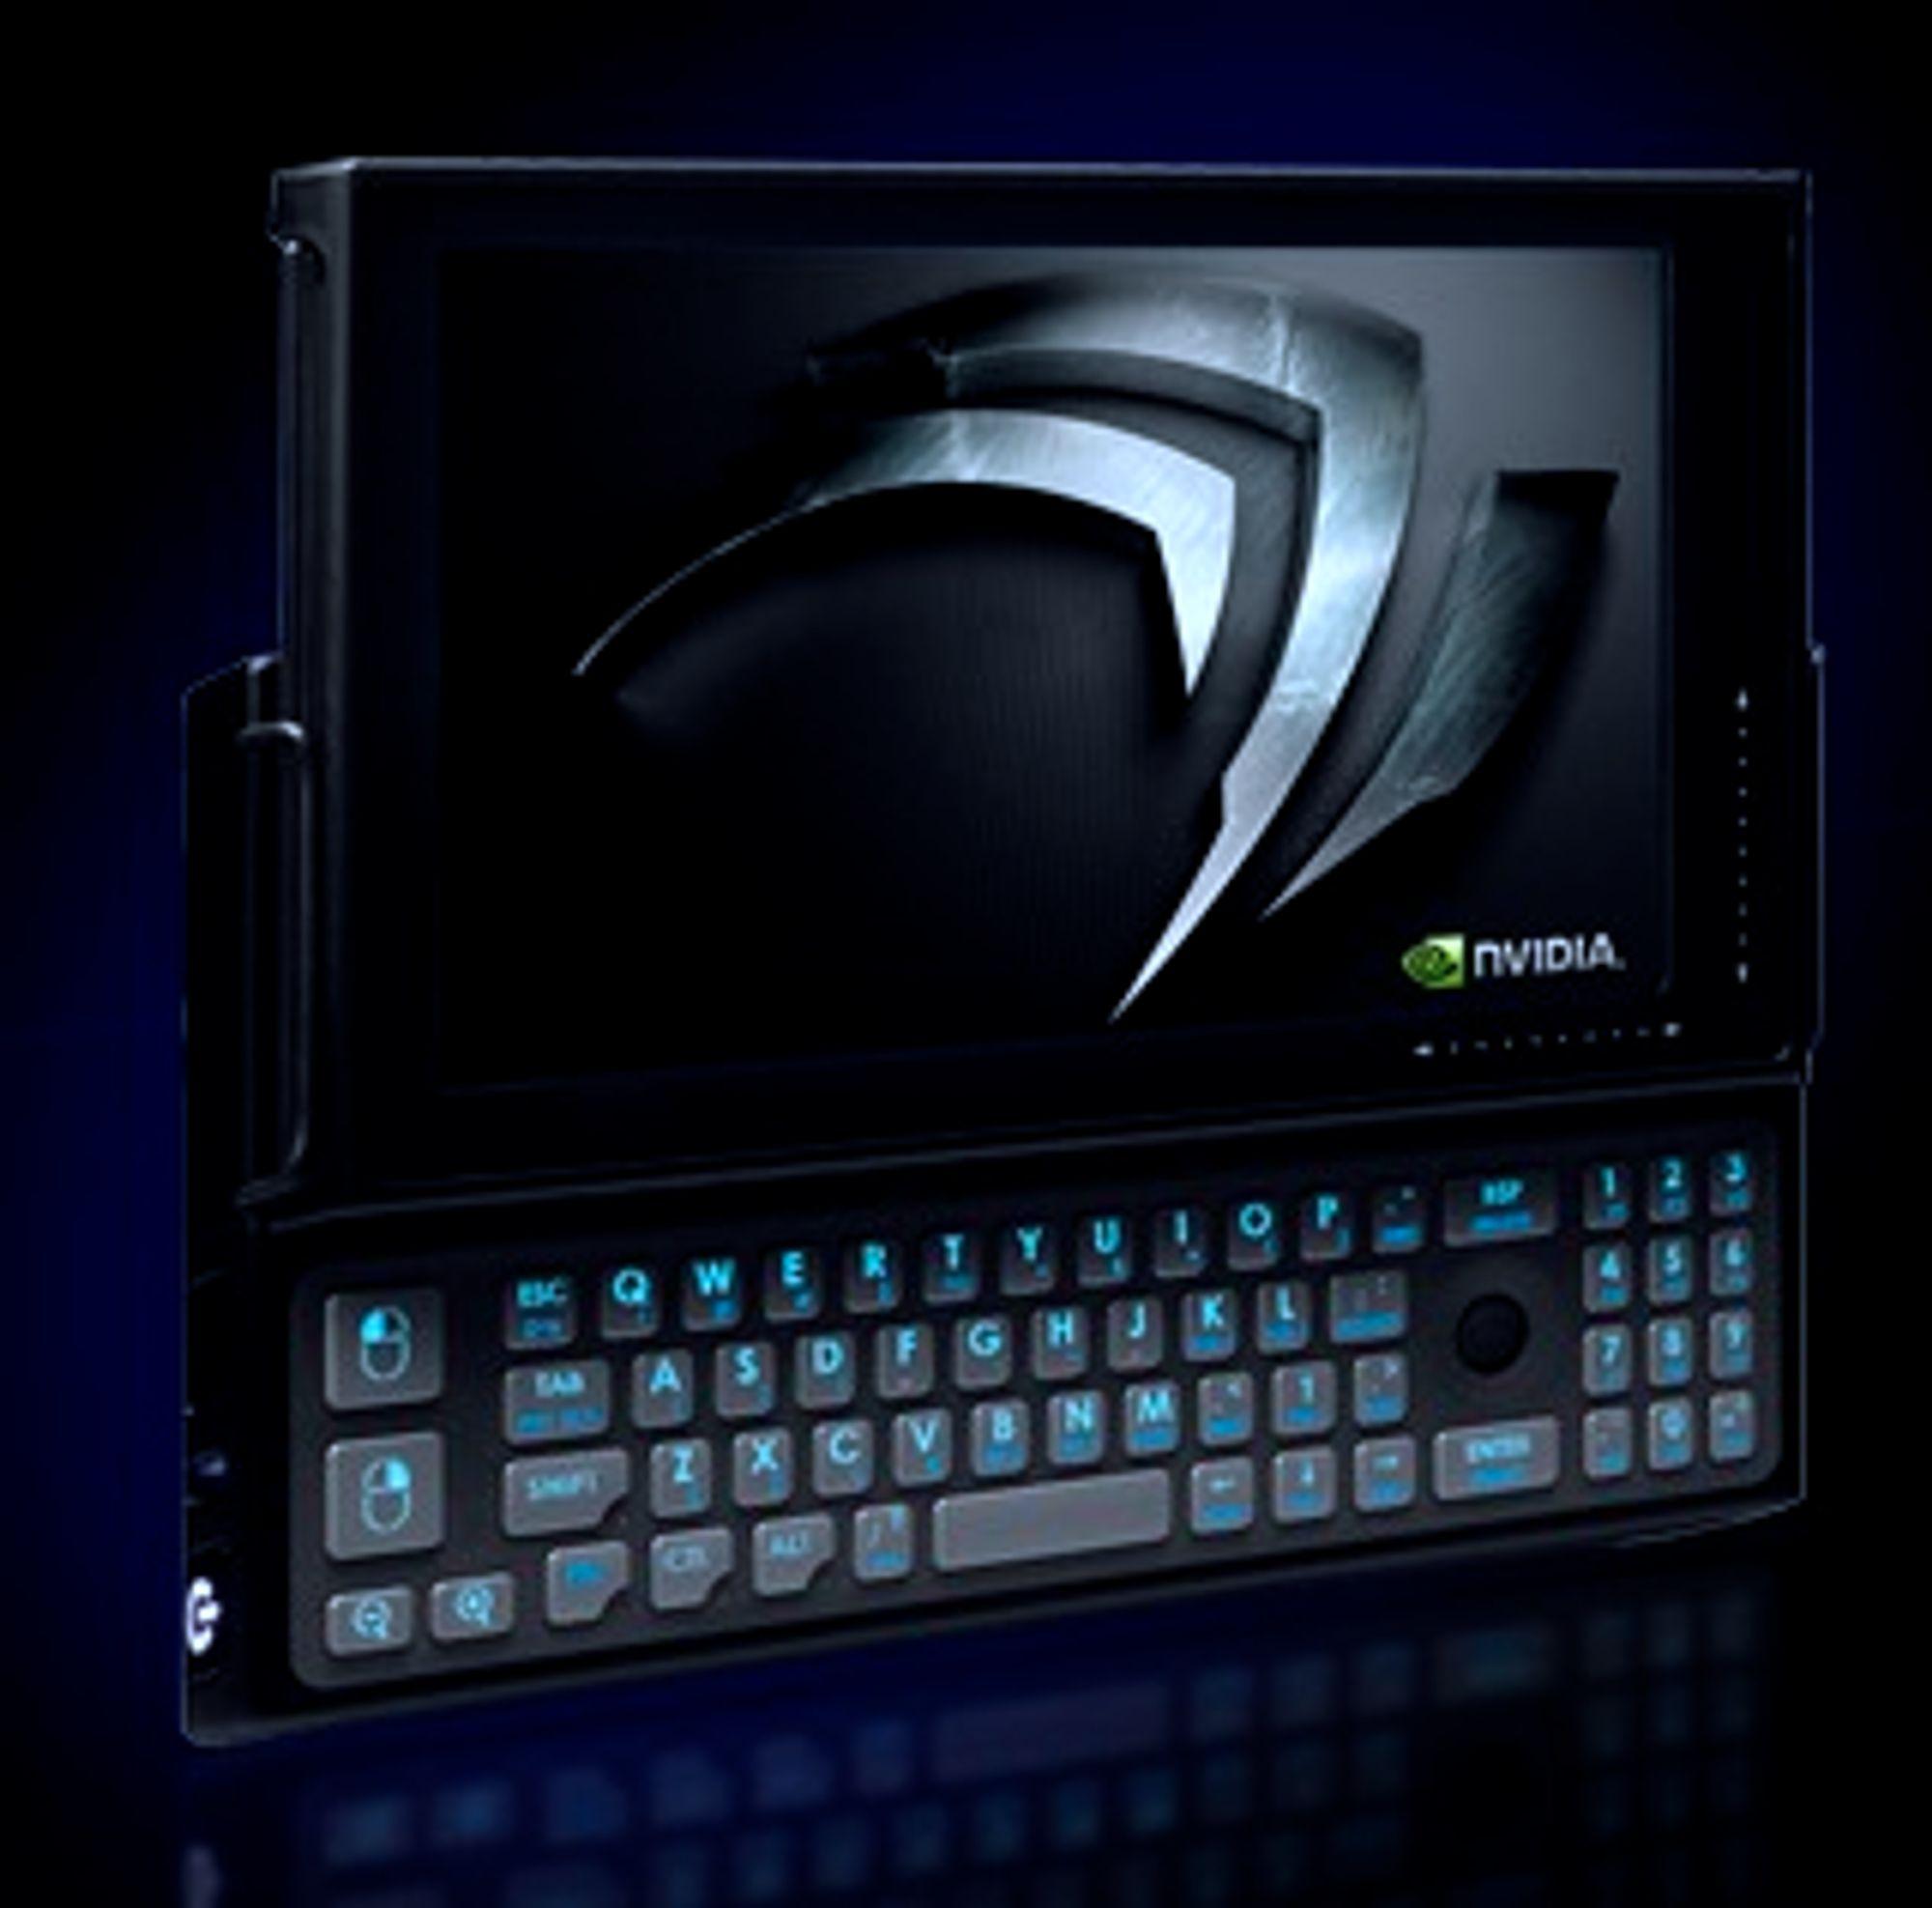 Nvidia-prototyp av mobil enhet med Tegra-prosessor